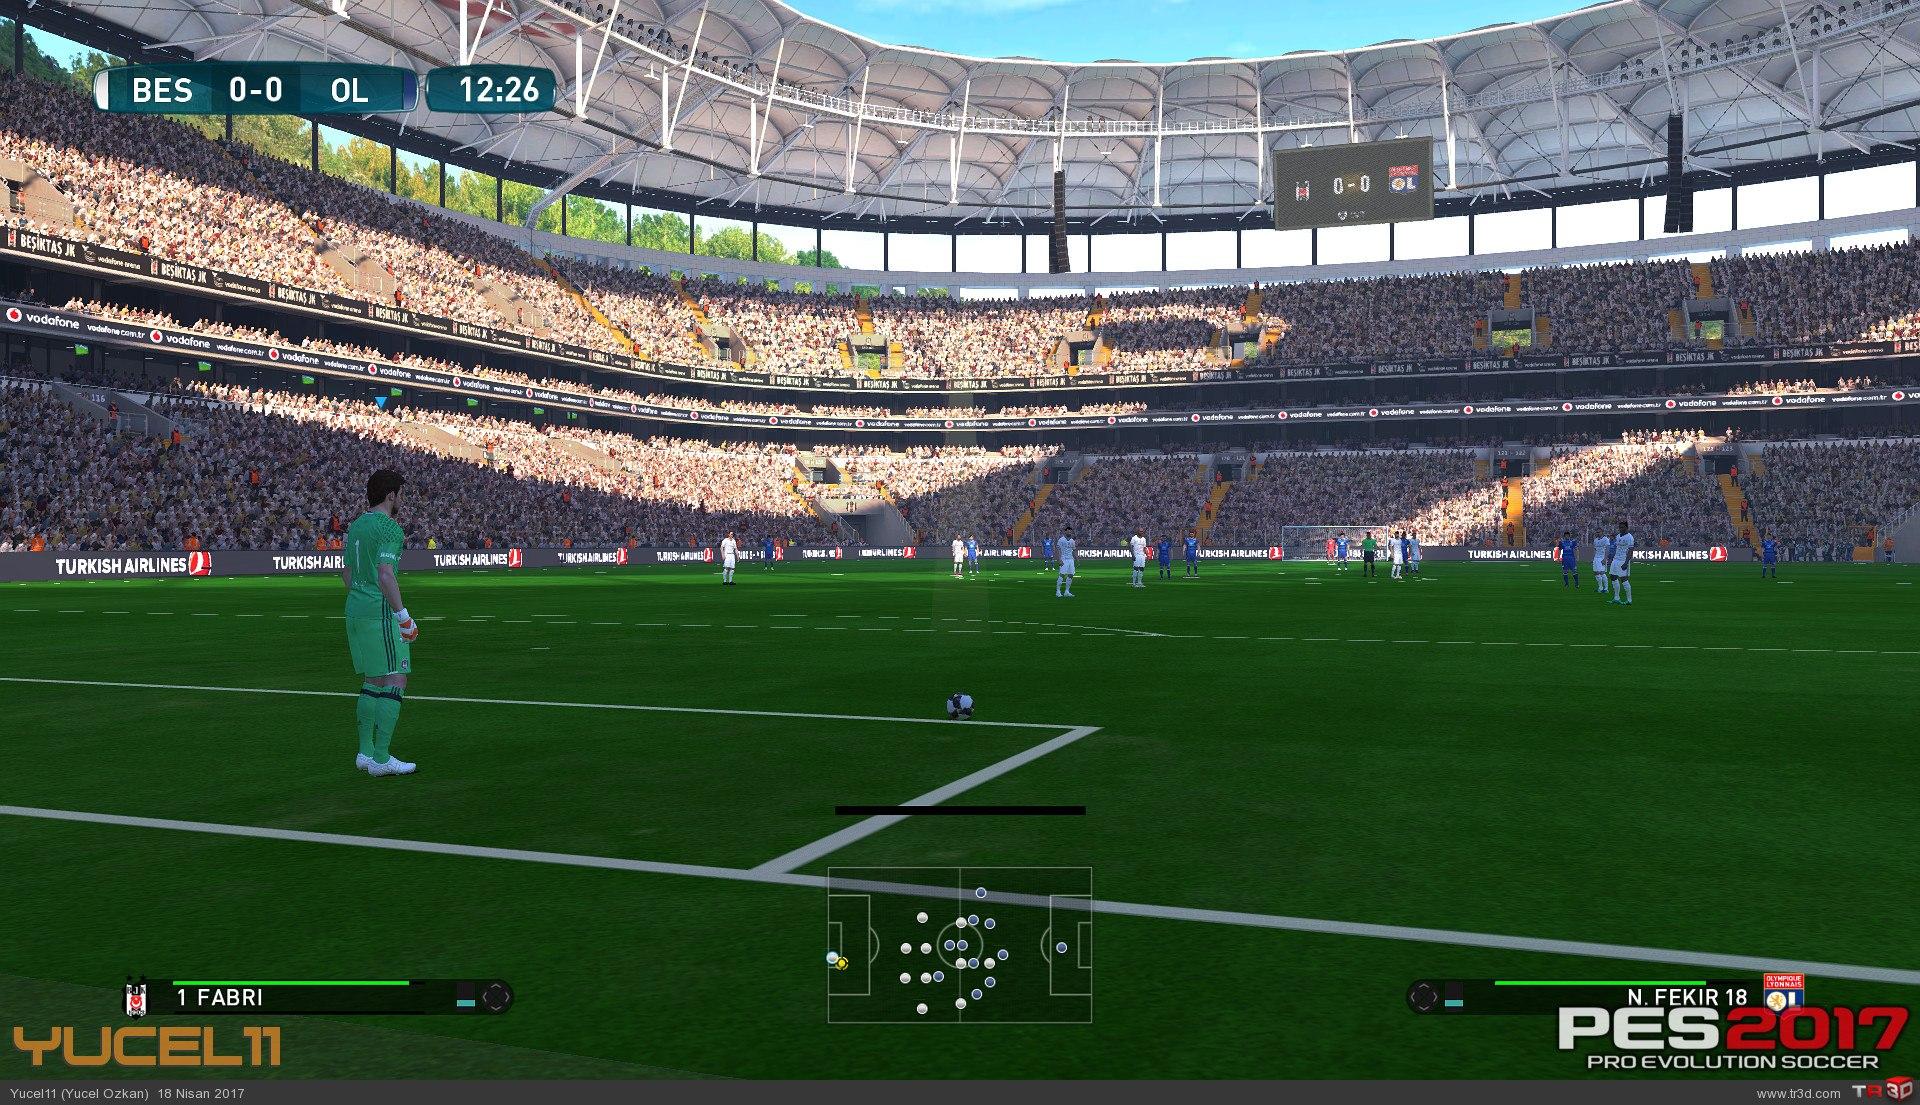 Beşiktaş Vodafone Arena Pes 2017 1